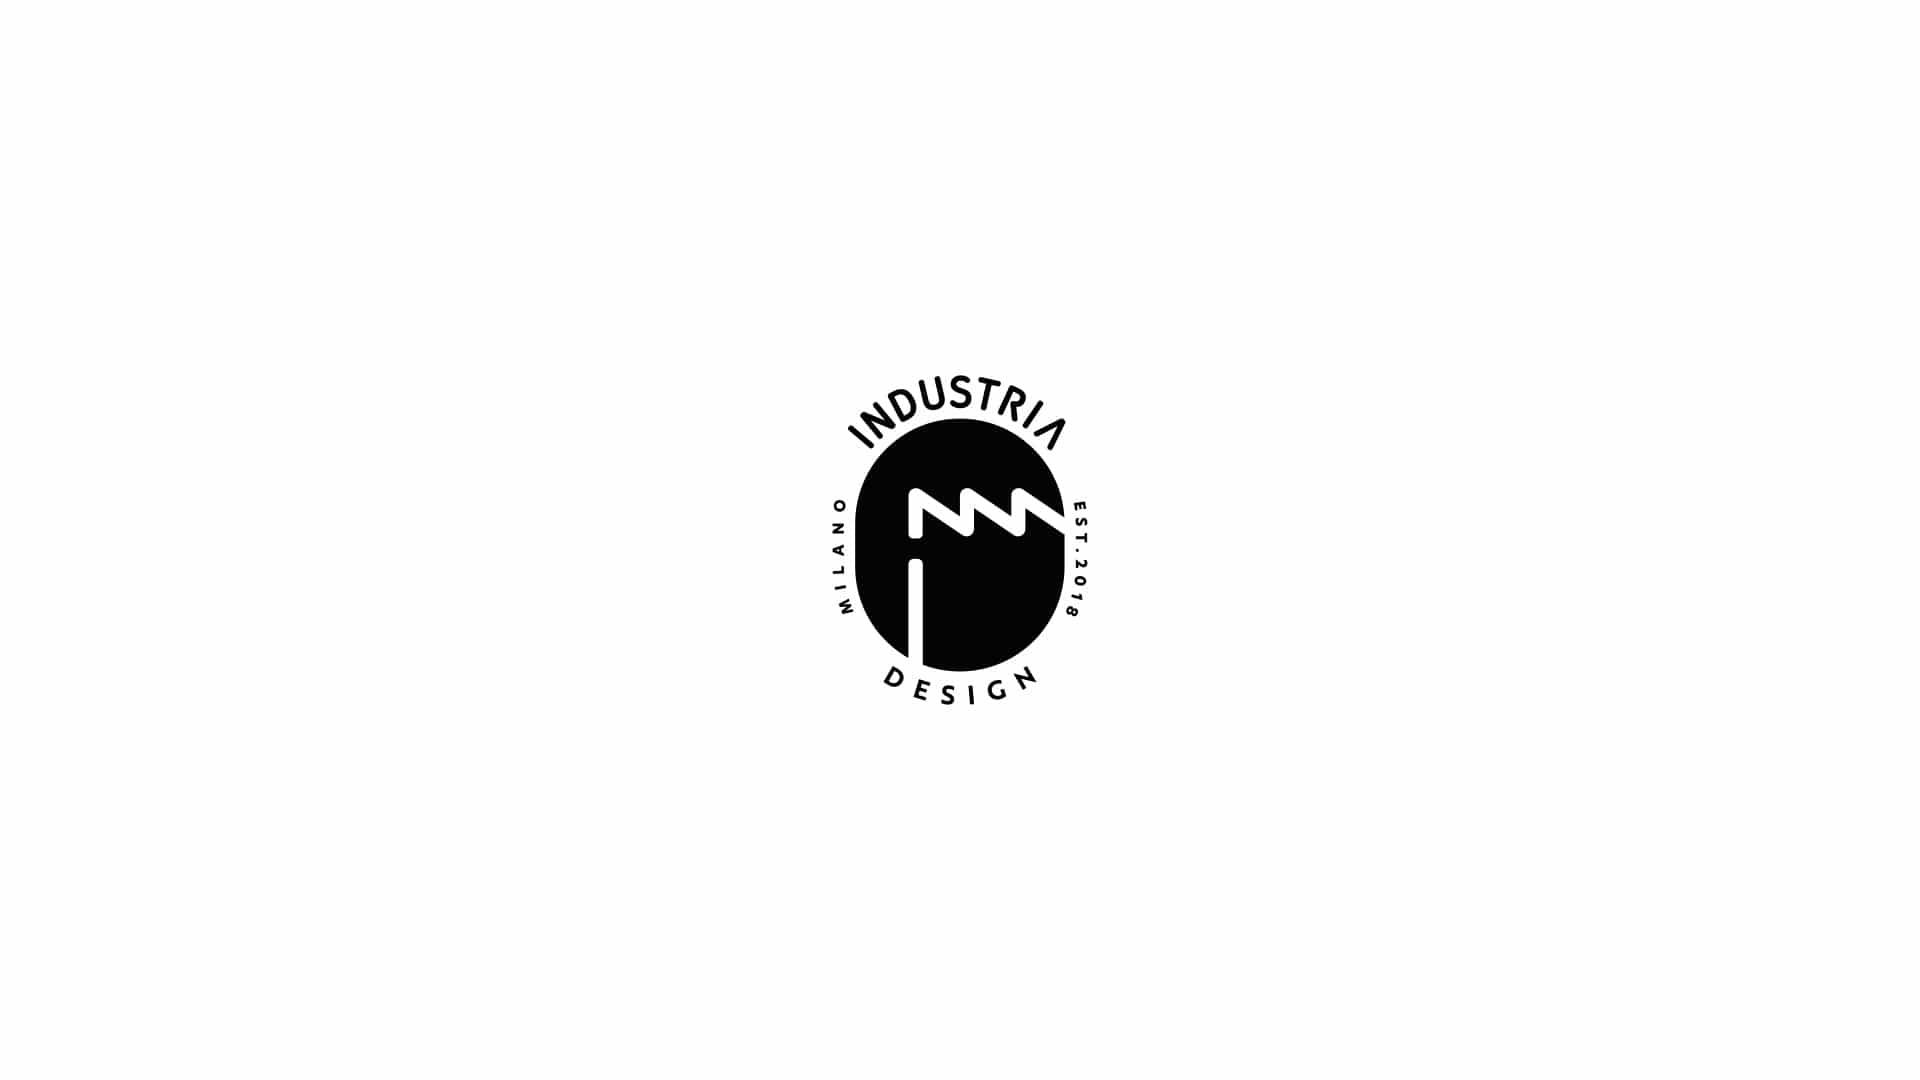 industria design logo stamp 01